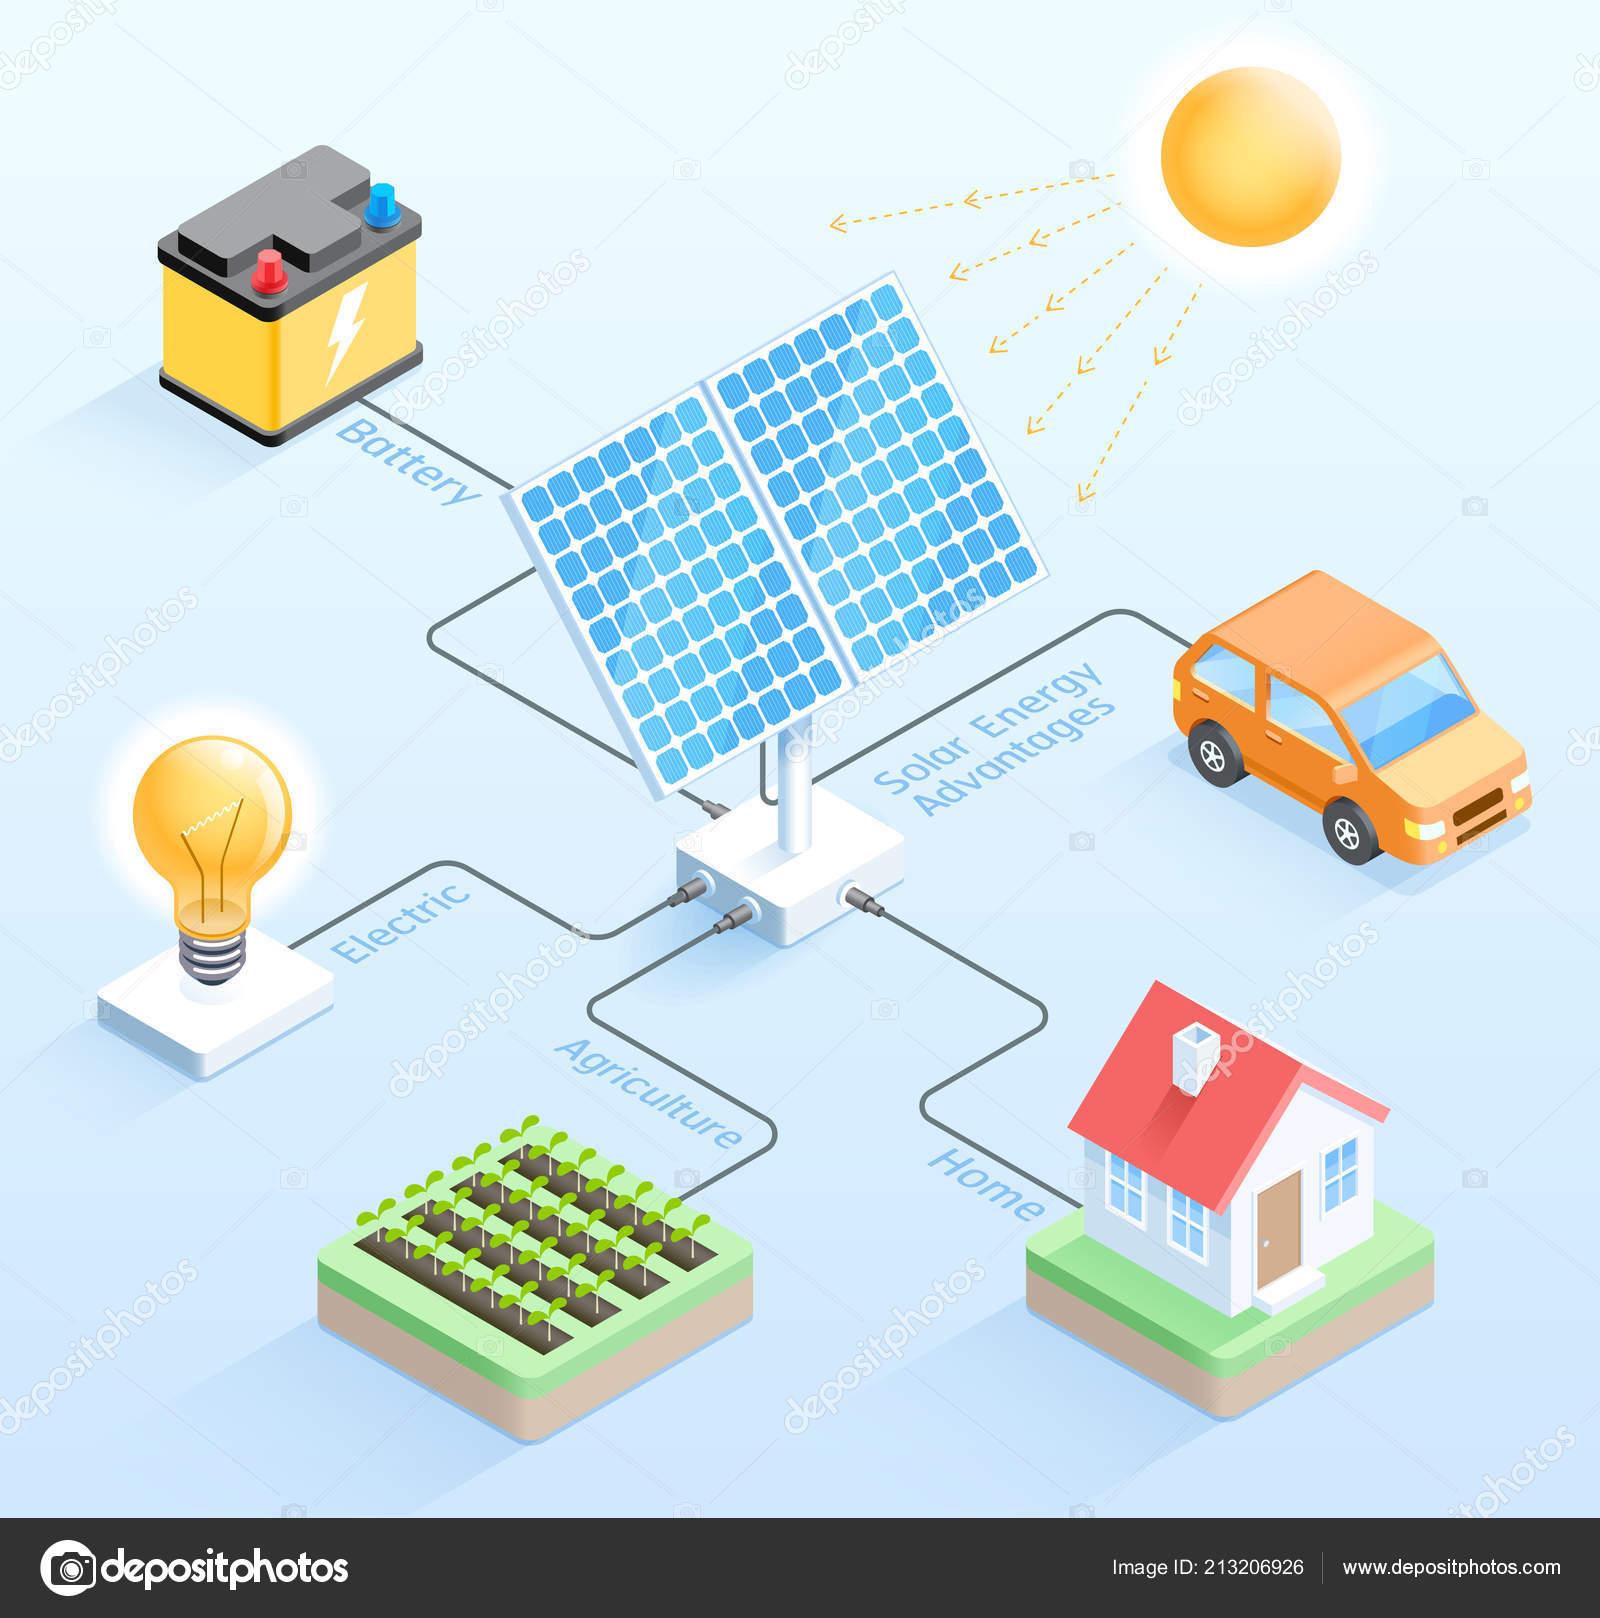 Vorteile Solarenergie solarenergie vorteile isometrische vektor illustrationen